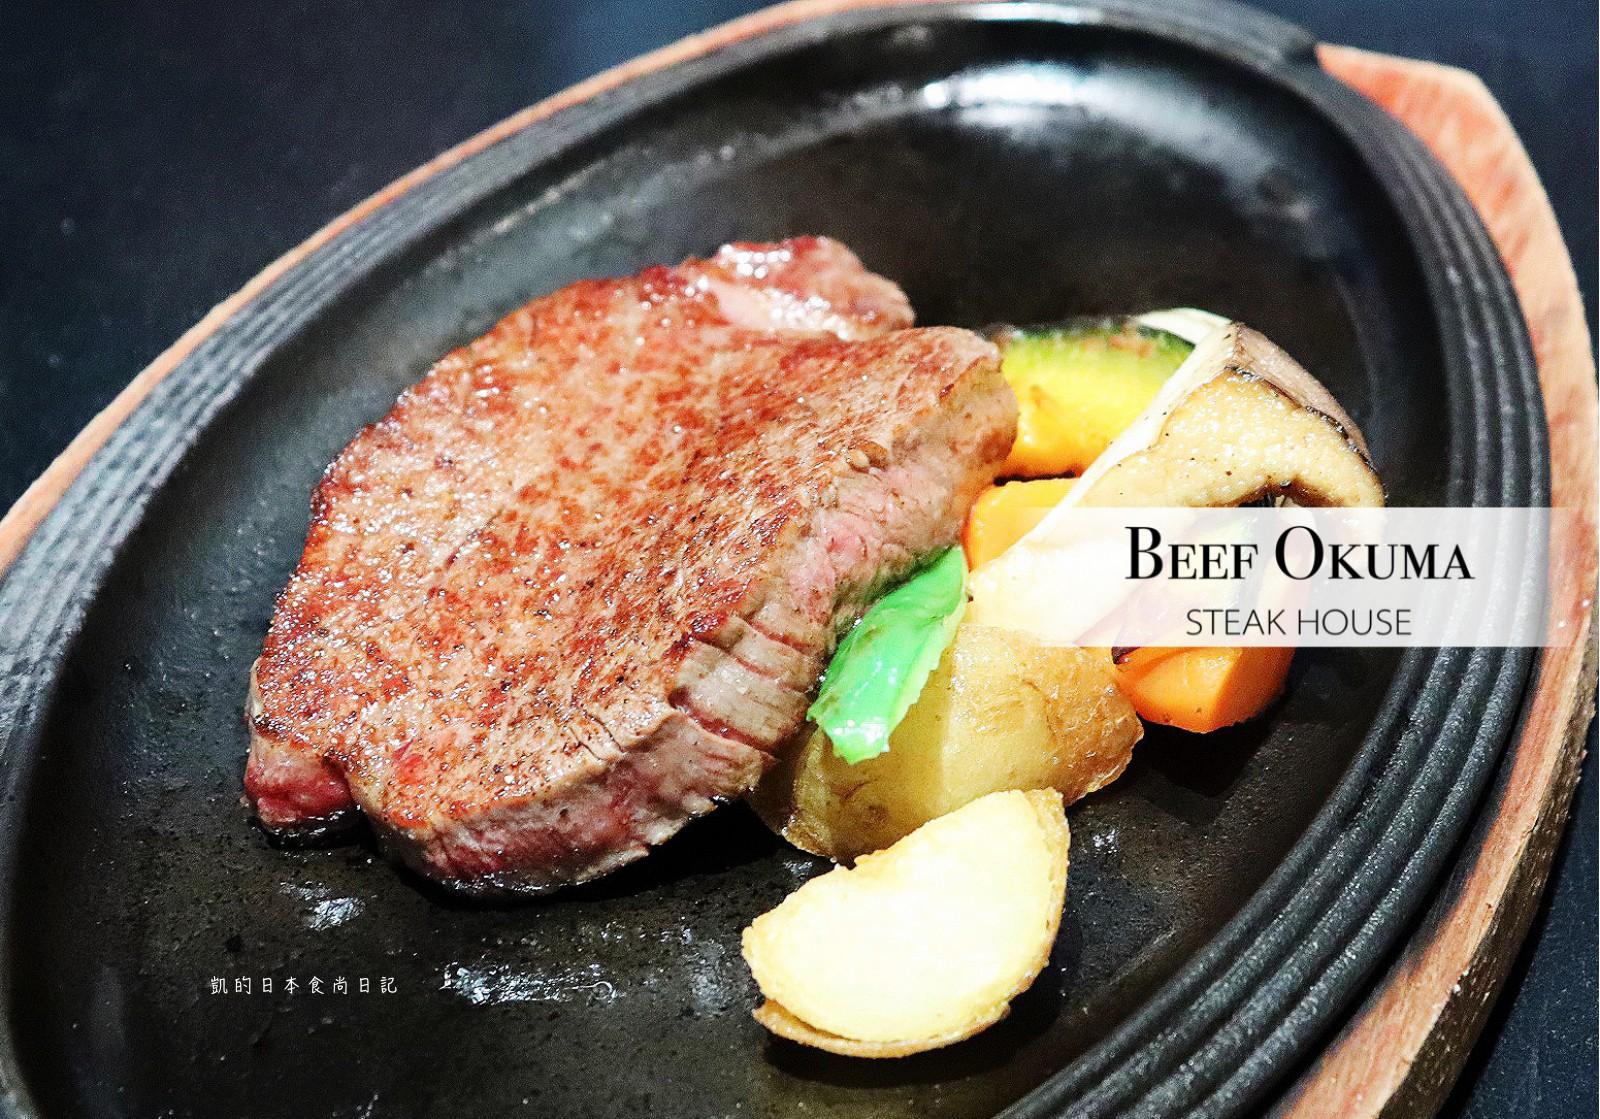 ☆【2019。名古屋】steak house Beef Okuma松坂屋名古屋本店。近江牛初體驗 @凱的日本食尚日記